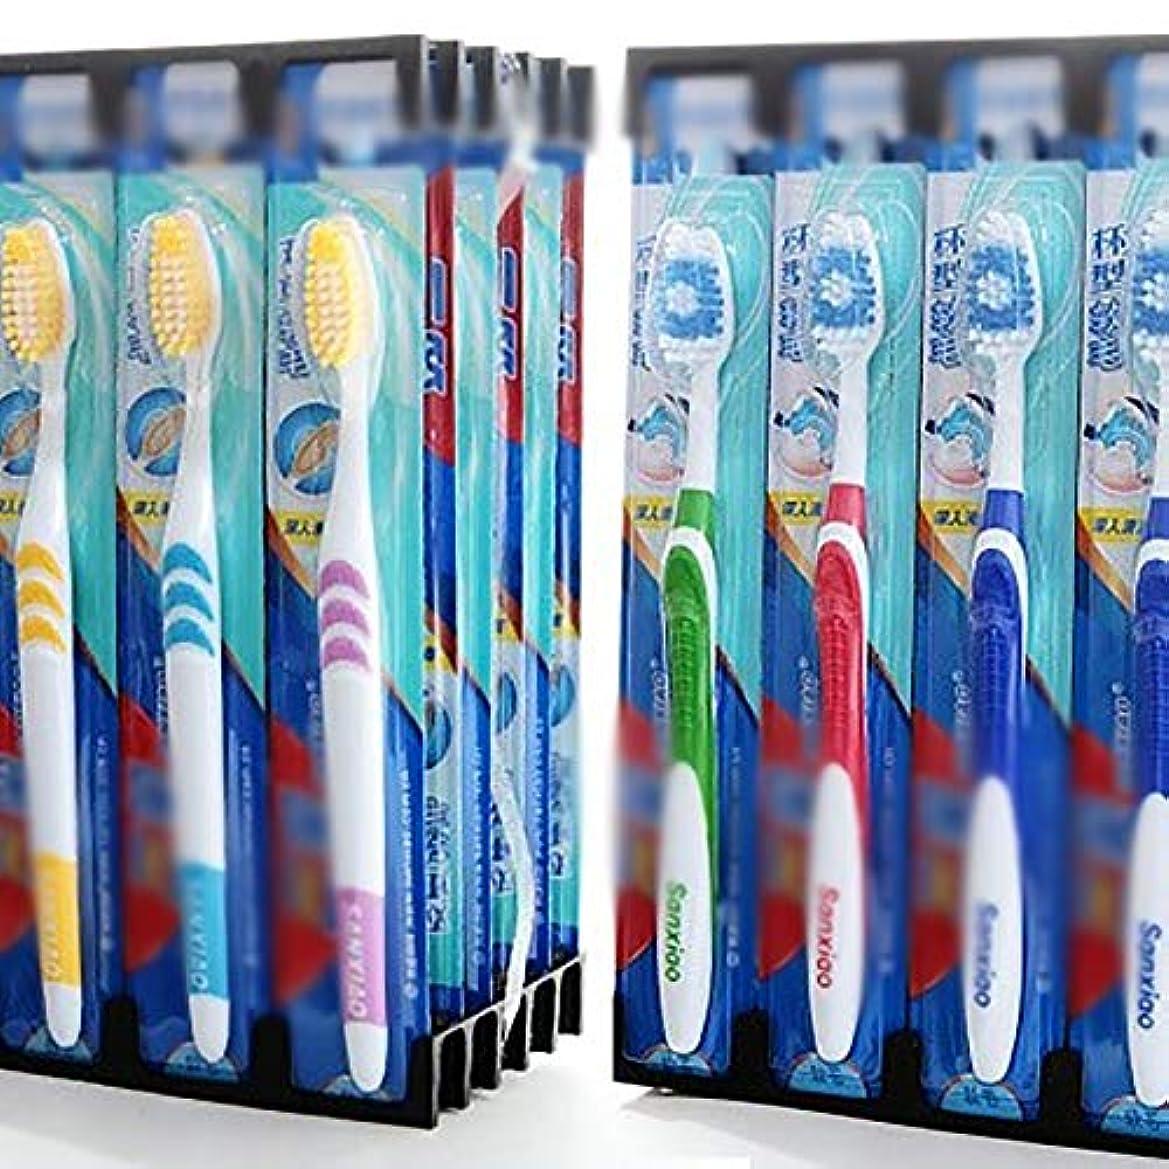 歯ブラシ 30ミックス歯ブラシ、個々の歯ブラシ包まれた、ウルトラソフト歯ブラシ - 使用可能なスタイルの3種類 KHL (色 : C, サイズ : 30 packs)